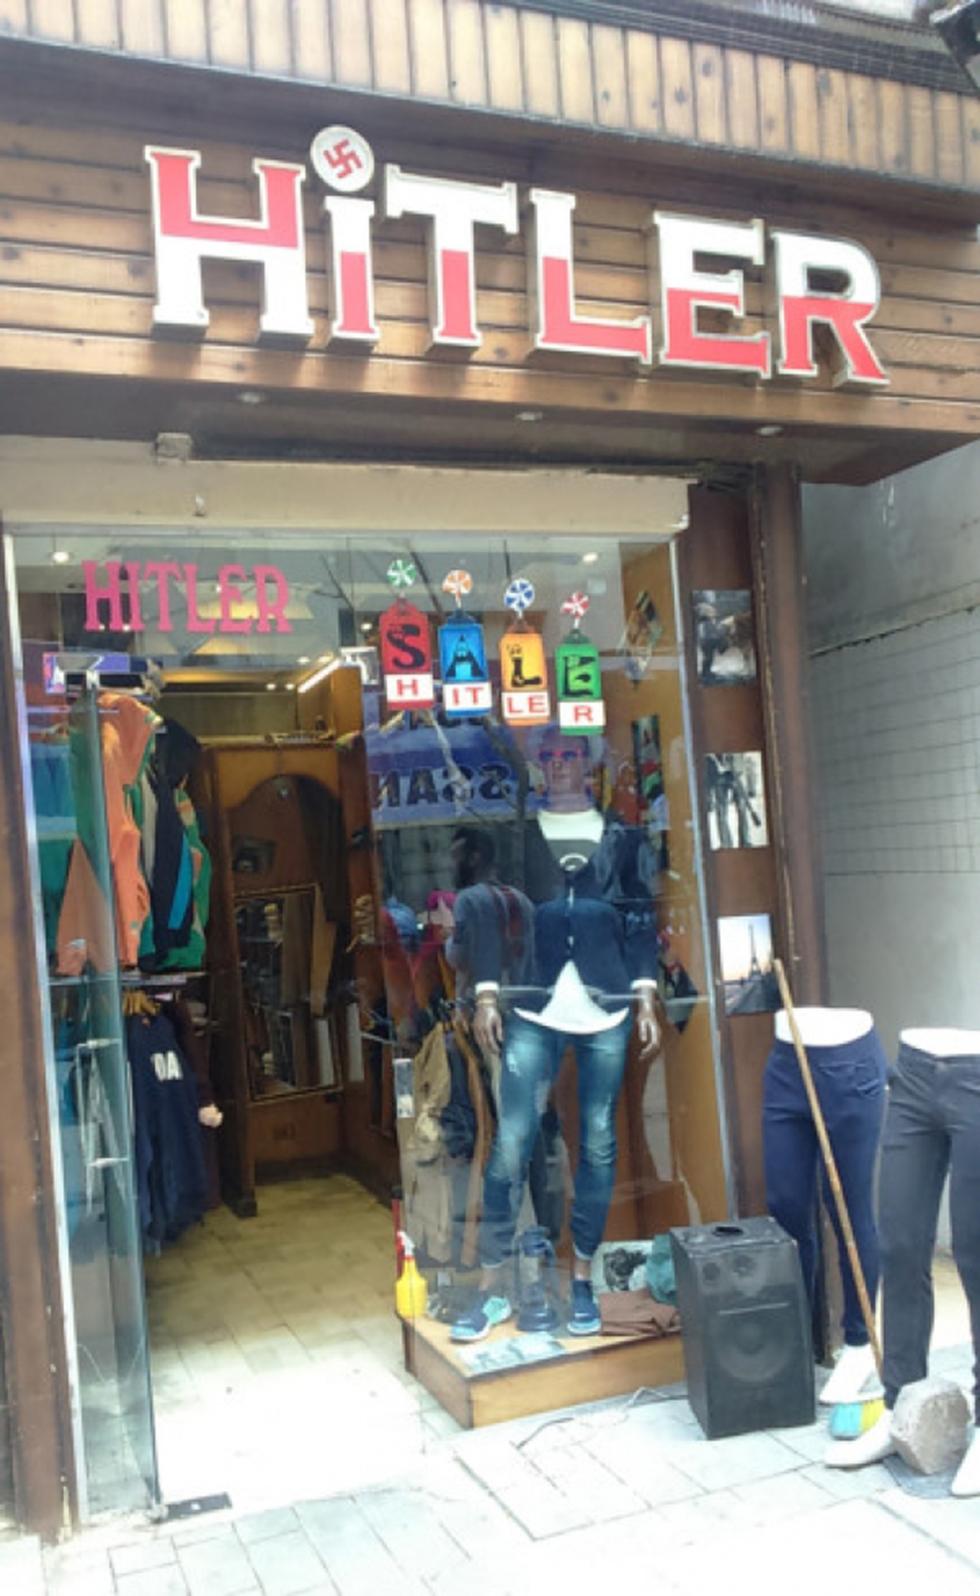 Farouq's Hitler store in Cairo (Photo: Gulf News)